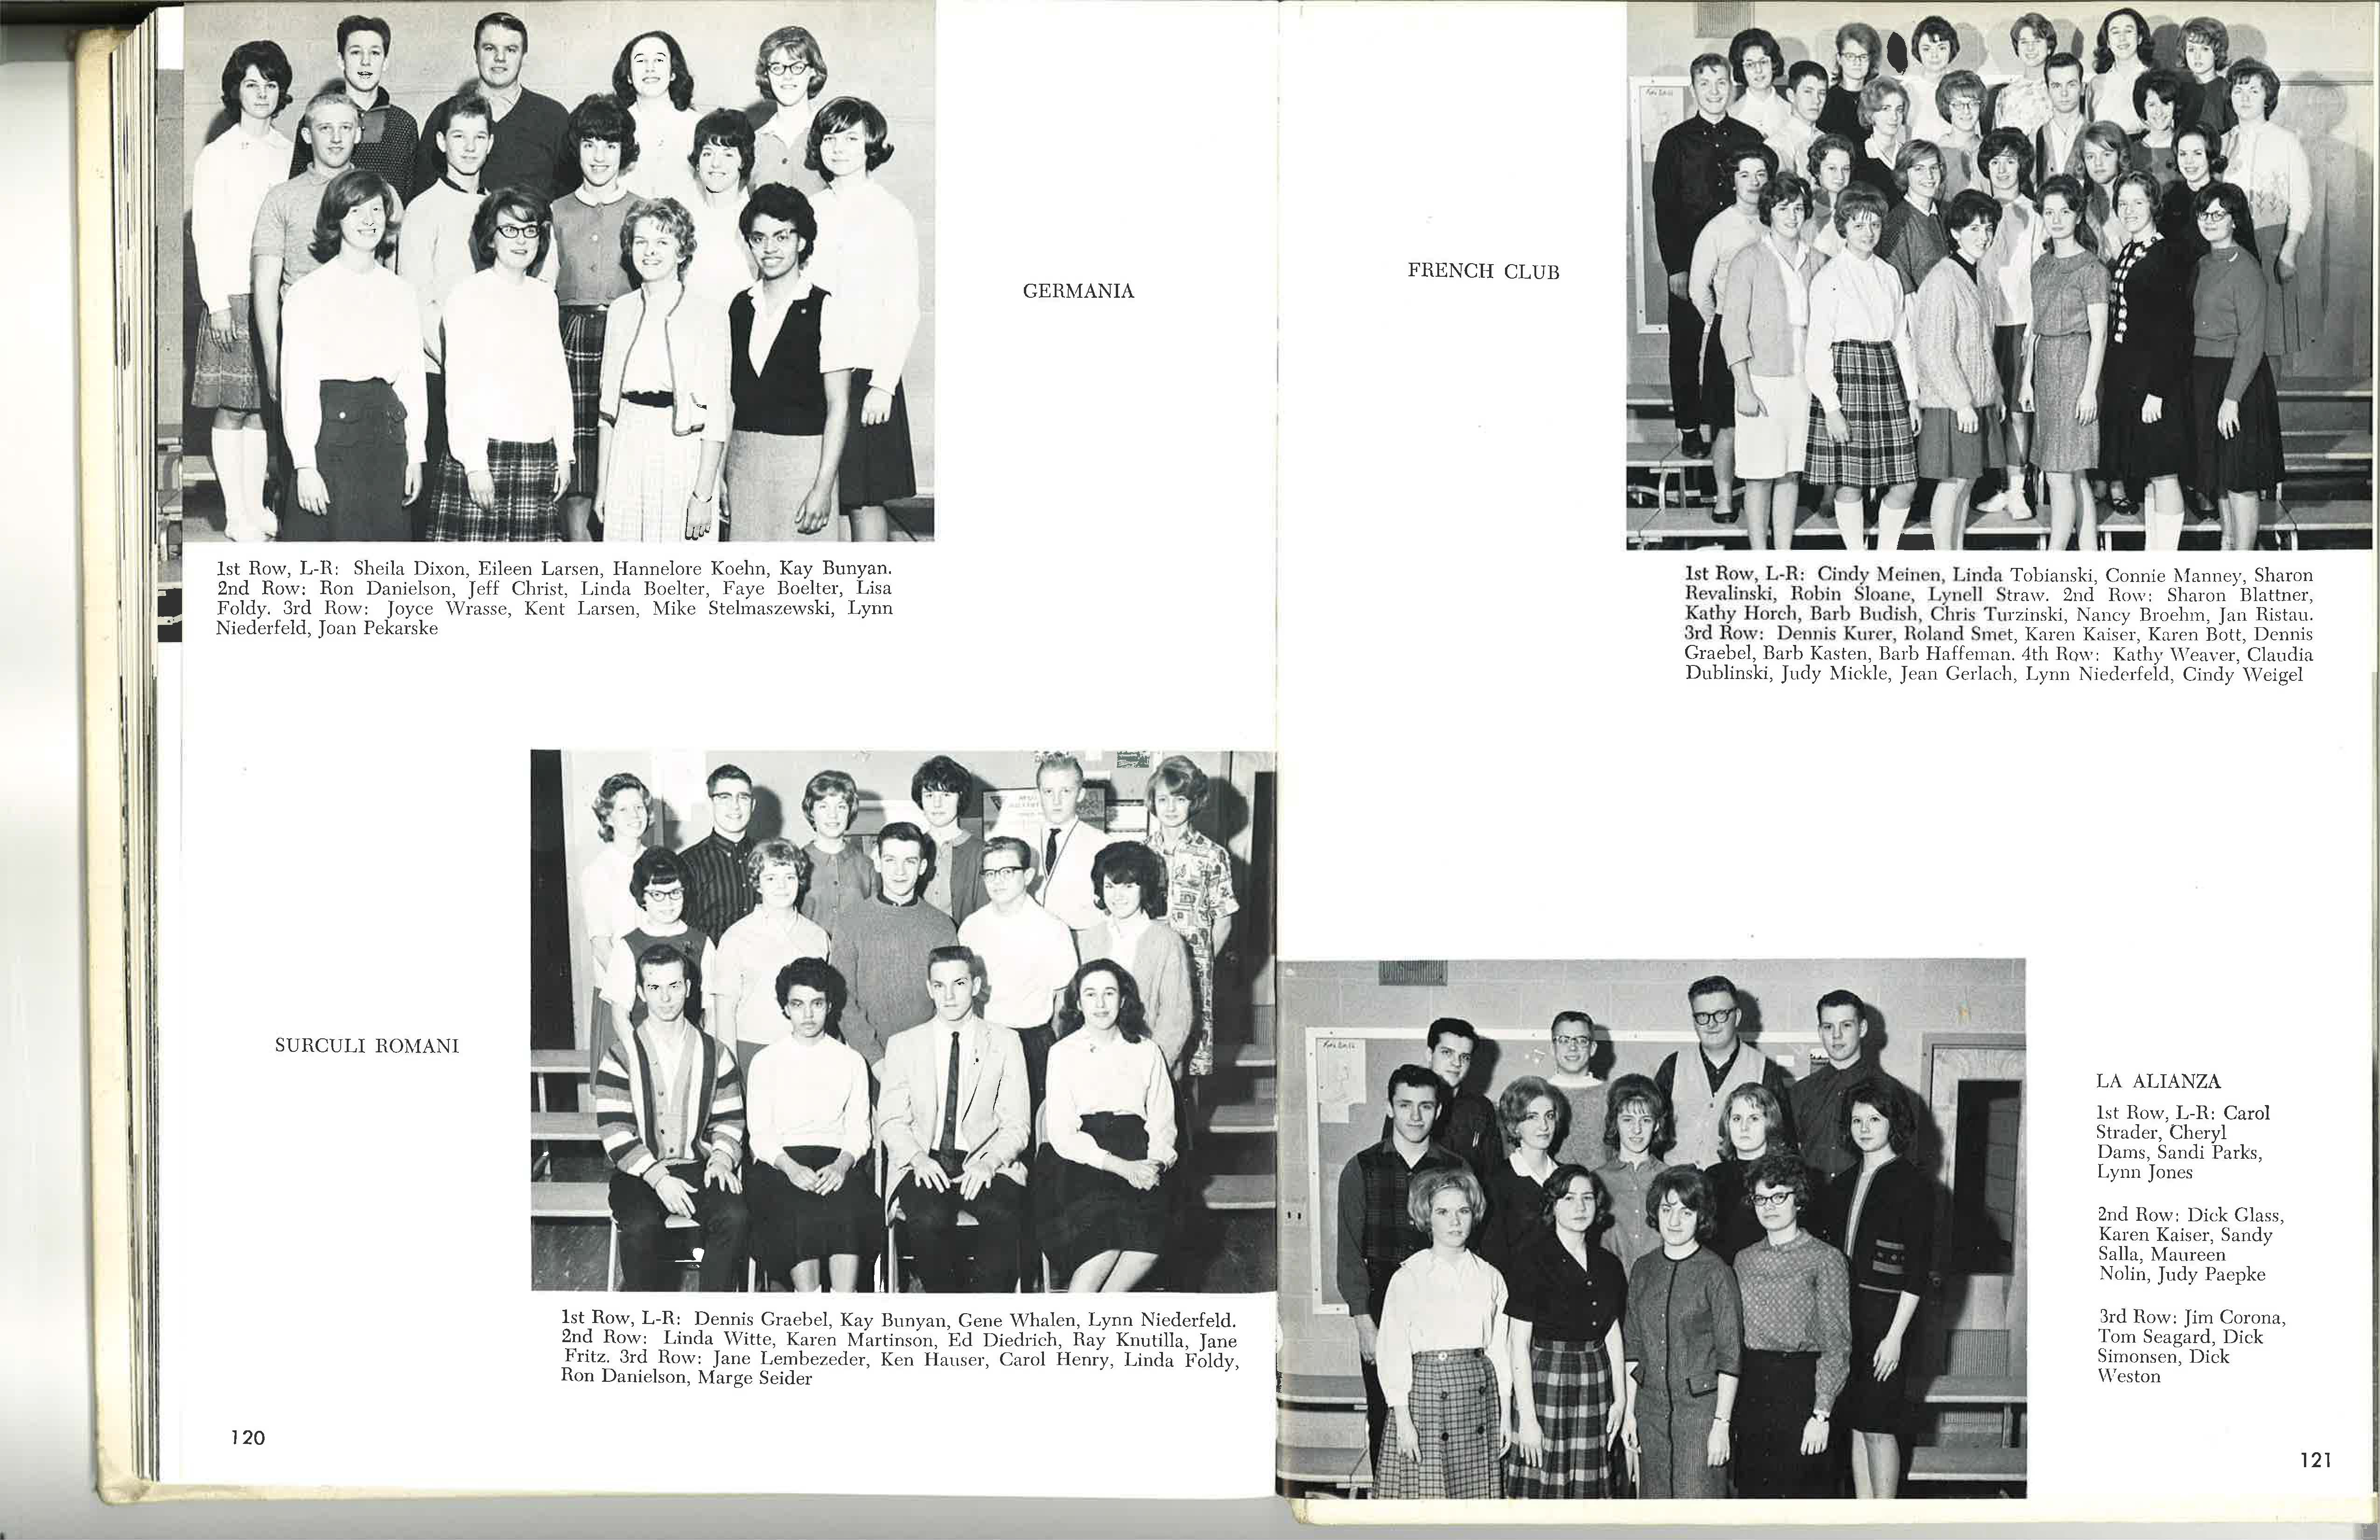 1964_Yearbook_Clubs_120-121.jpg